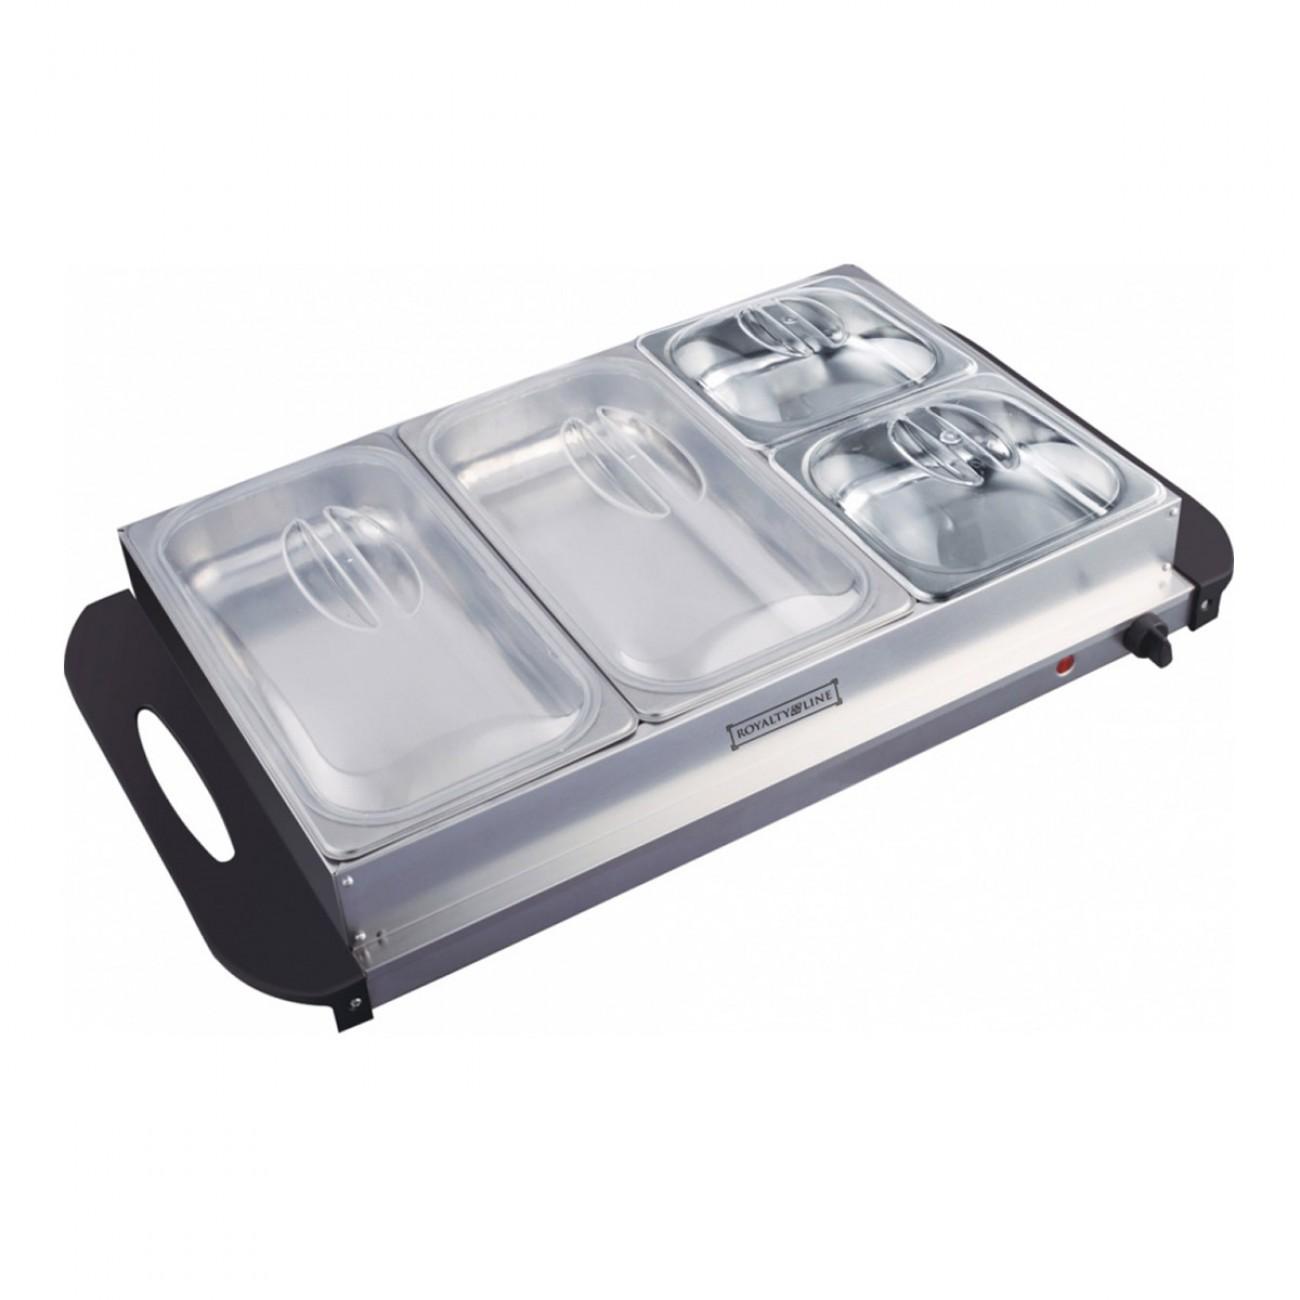 Уред за подгряване на храна Royalty Line RL-BFS4.7, 600 W, 3 отделения, Температура от 65-75°C, Инокс в Котлони - ROYALTY LINE   Alleop